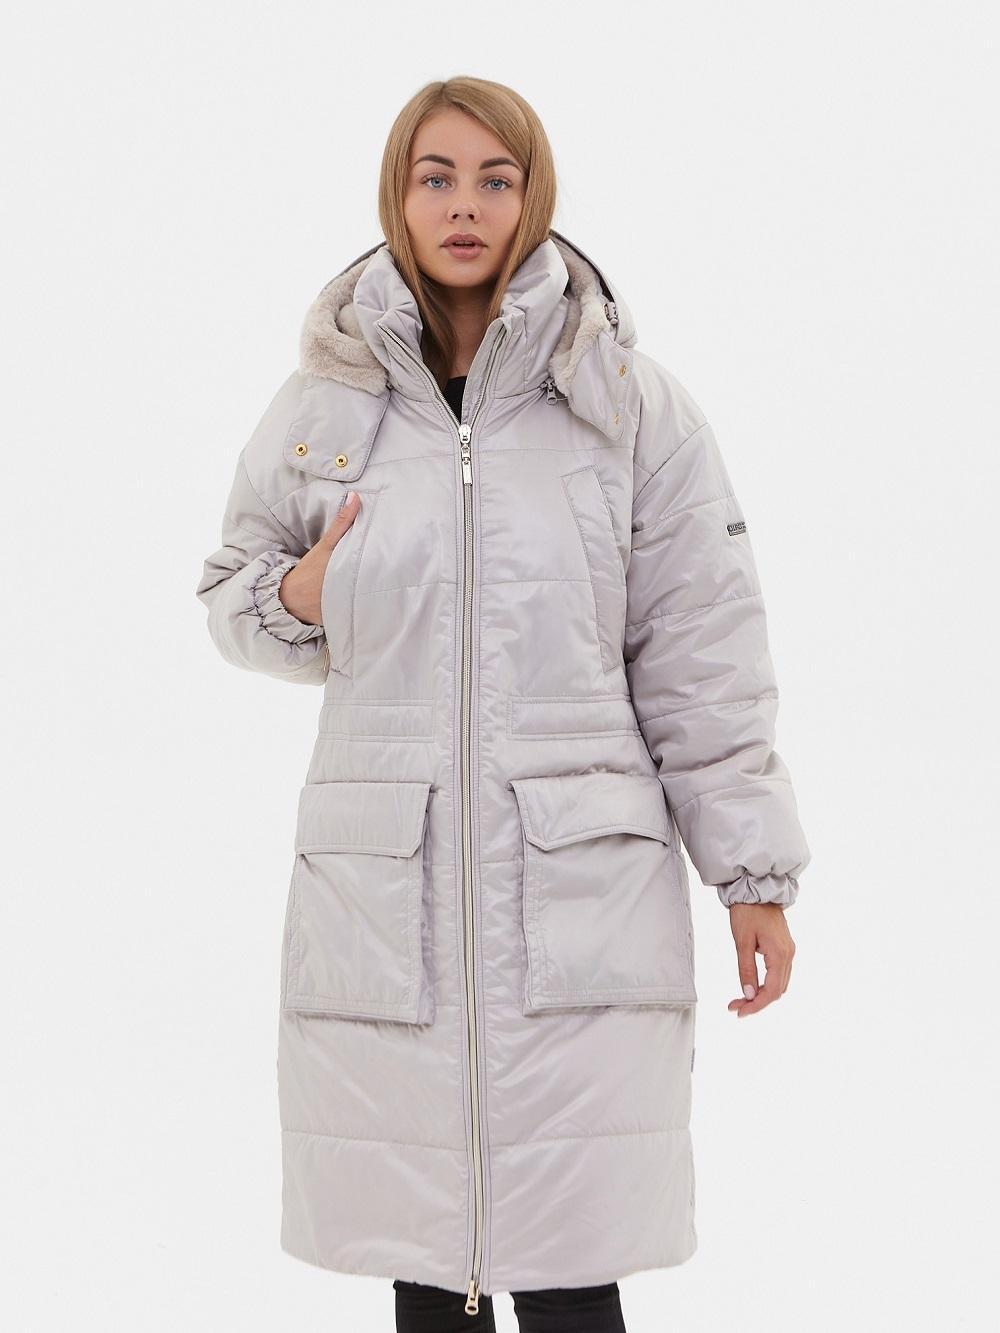 Пальто  TRF11-172 (C°): 0°- -30°